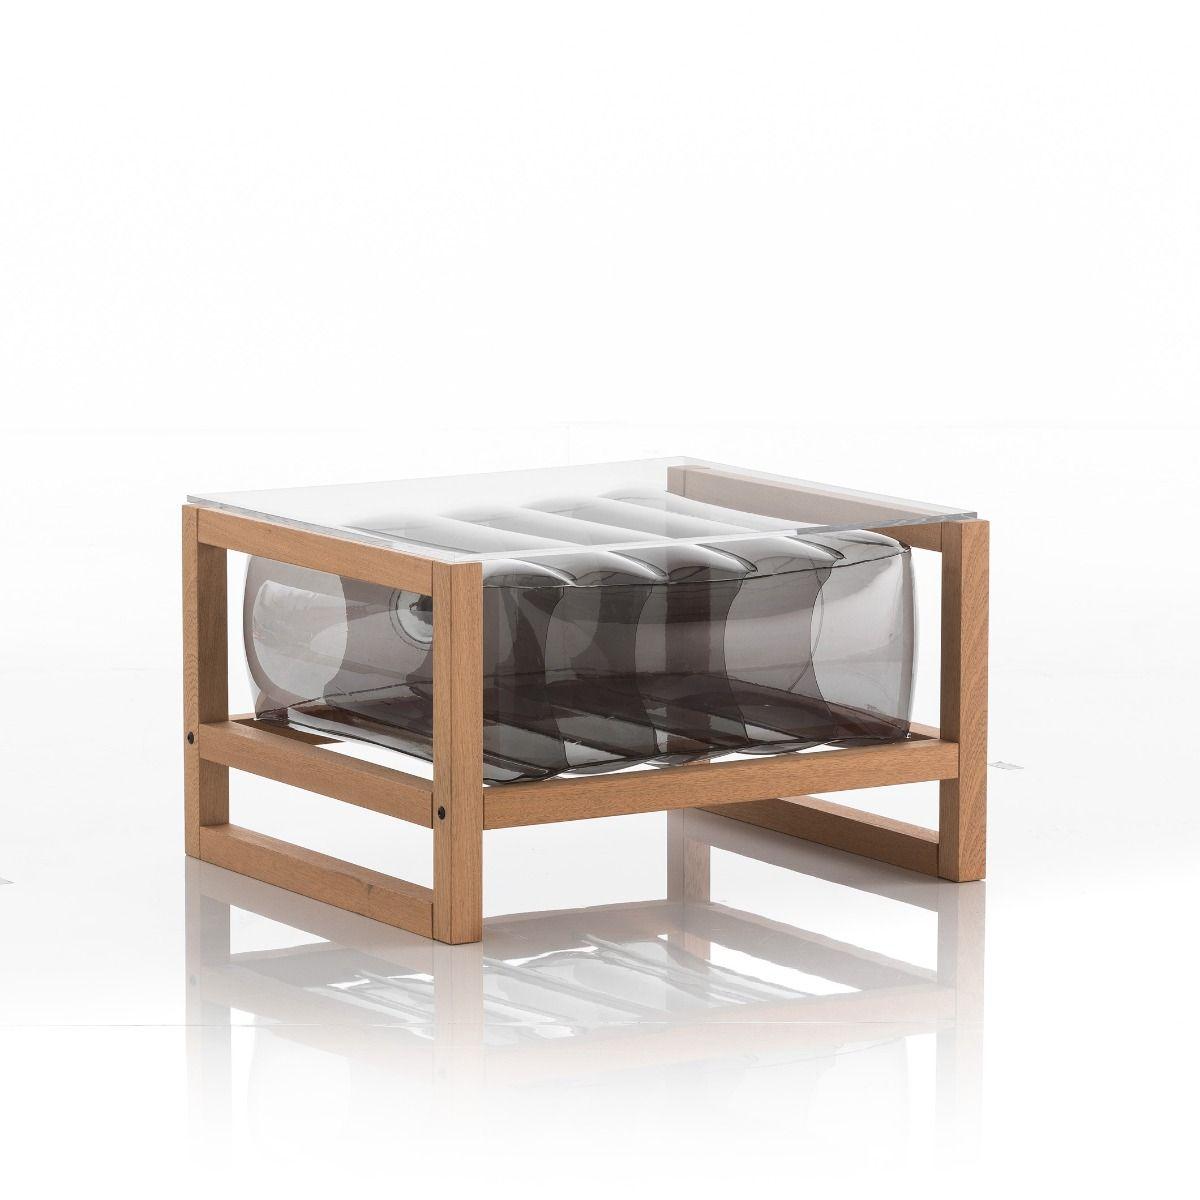 Table basse pvc noire fumée cadre en bois